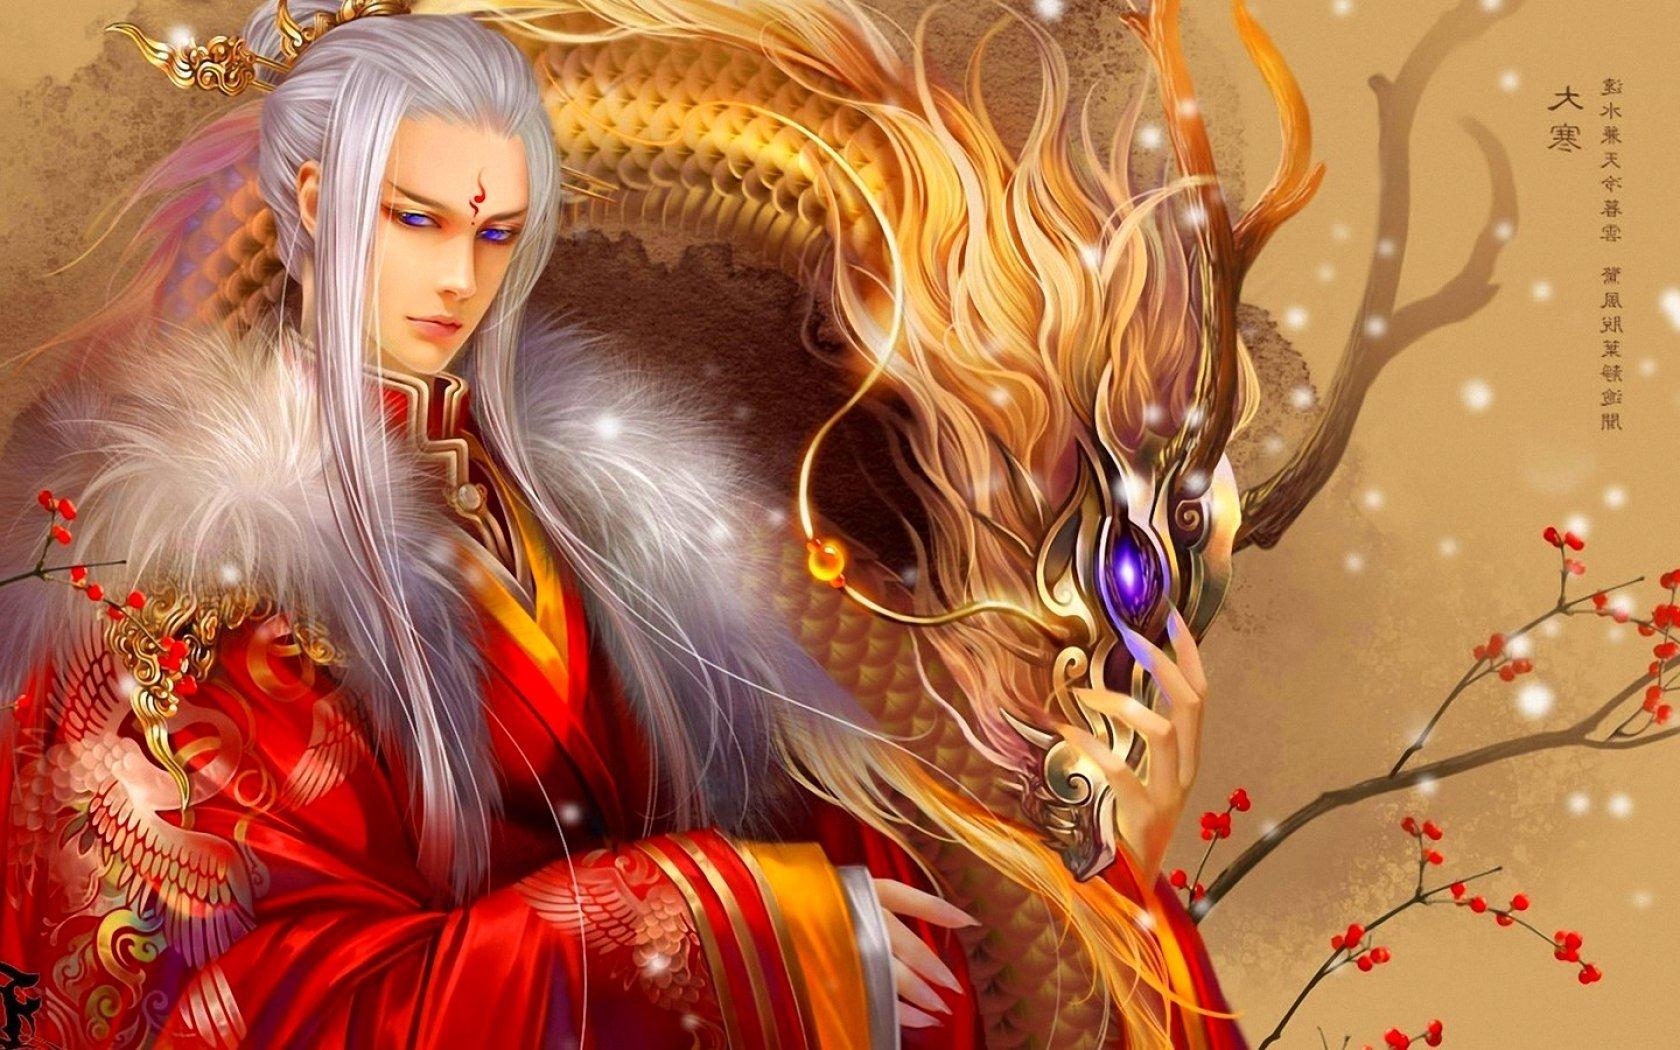 小说,小说网 纵横中文网|最热门的免费小说网